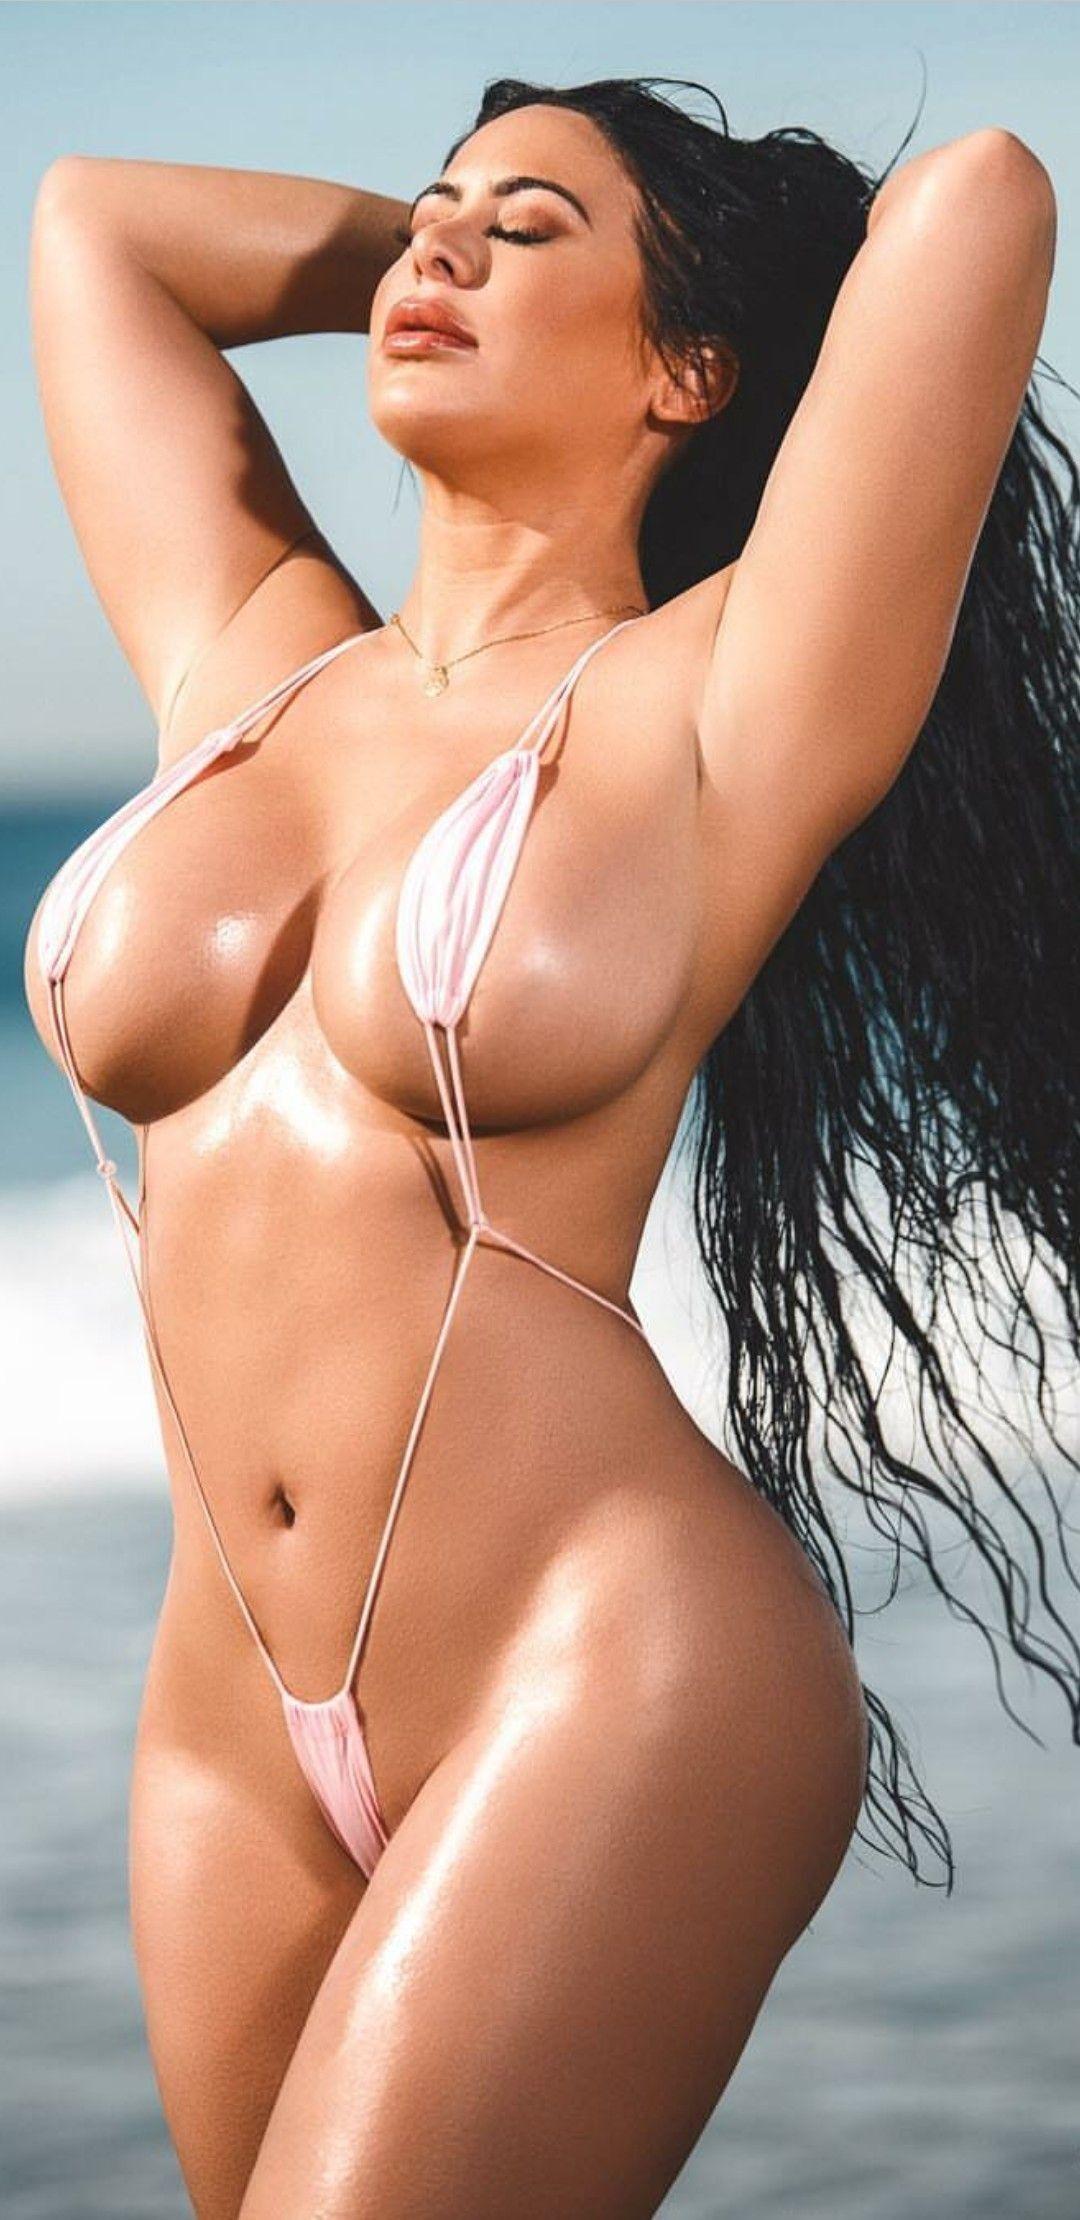 Bikini hot nude